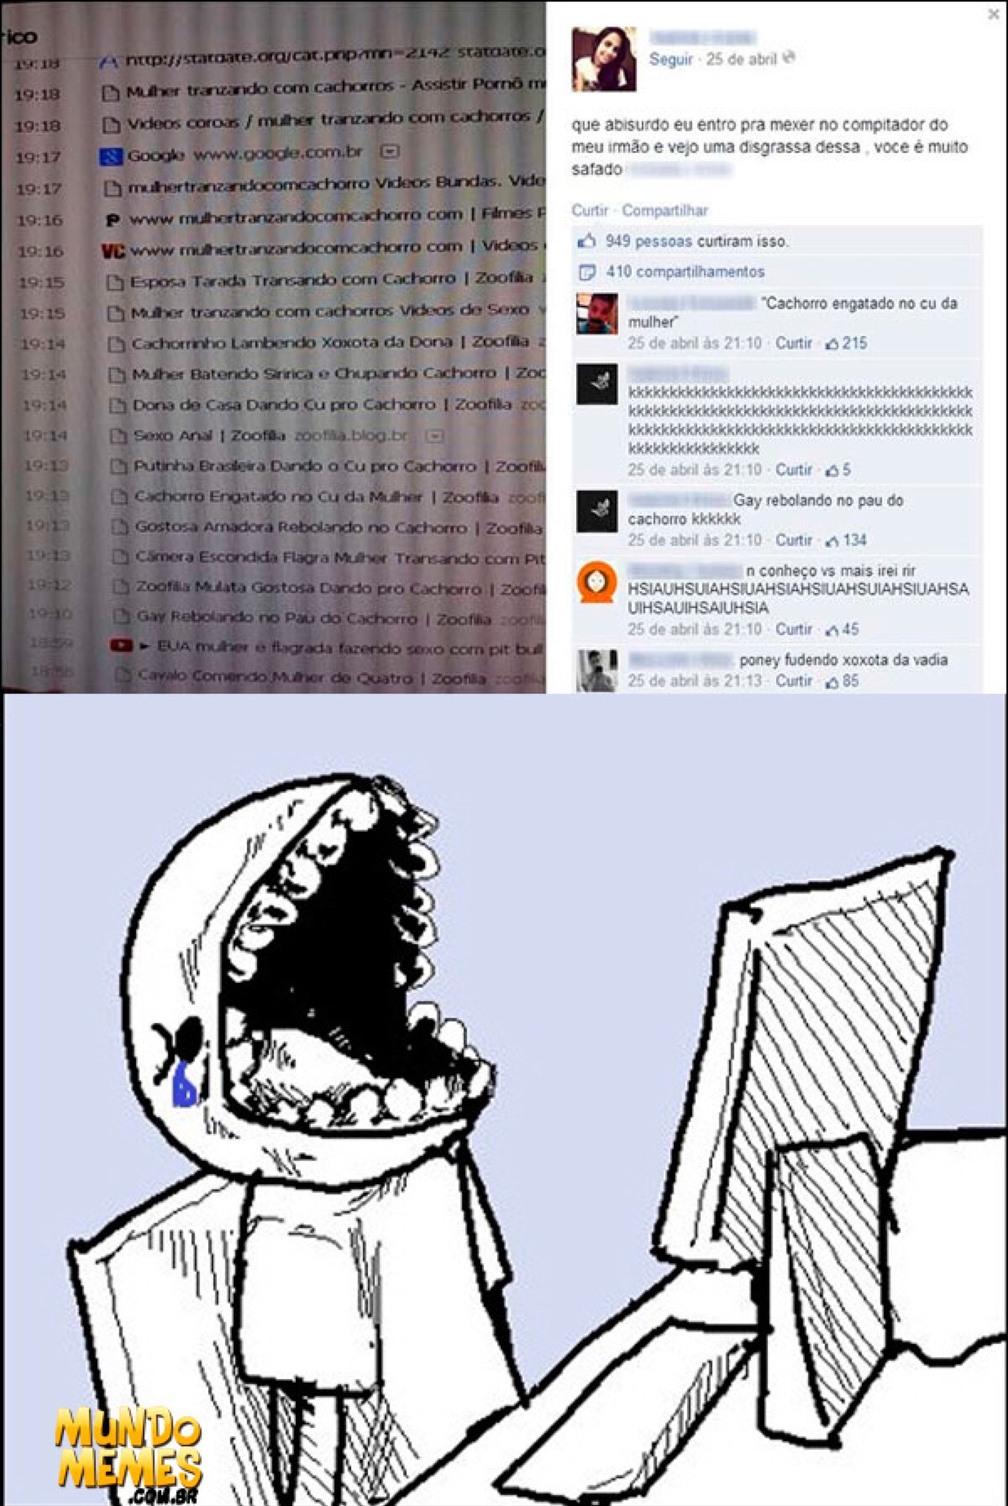 1 min de silêncio pelo CTRL+SHIFT+N ( ͡° ͜ʖ ͡°) - meme